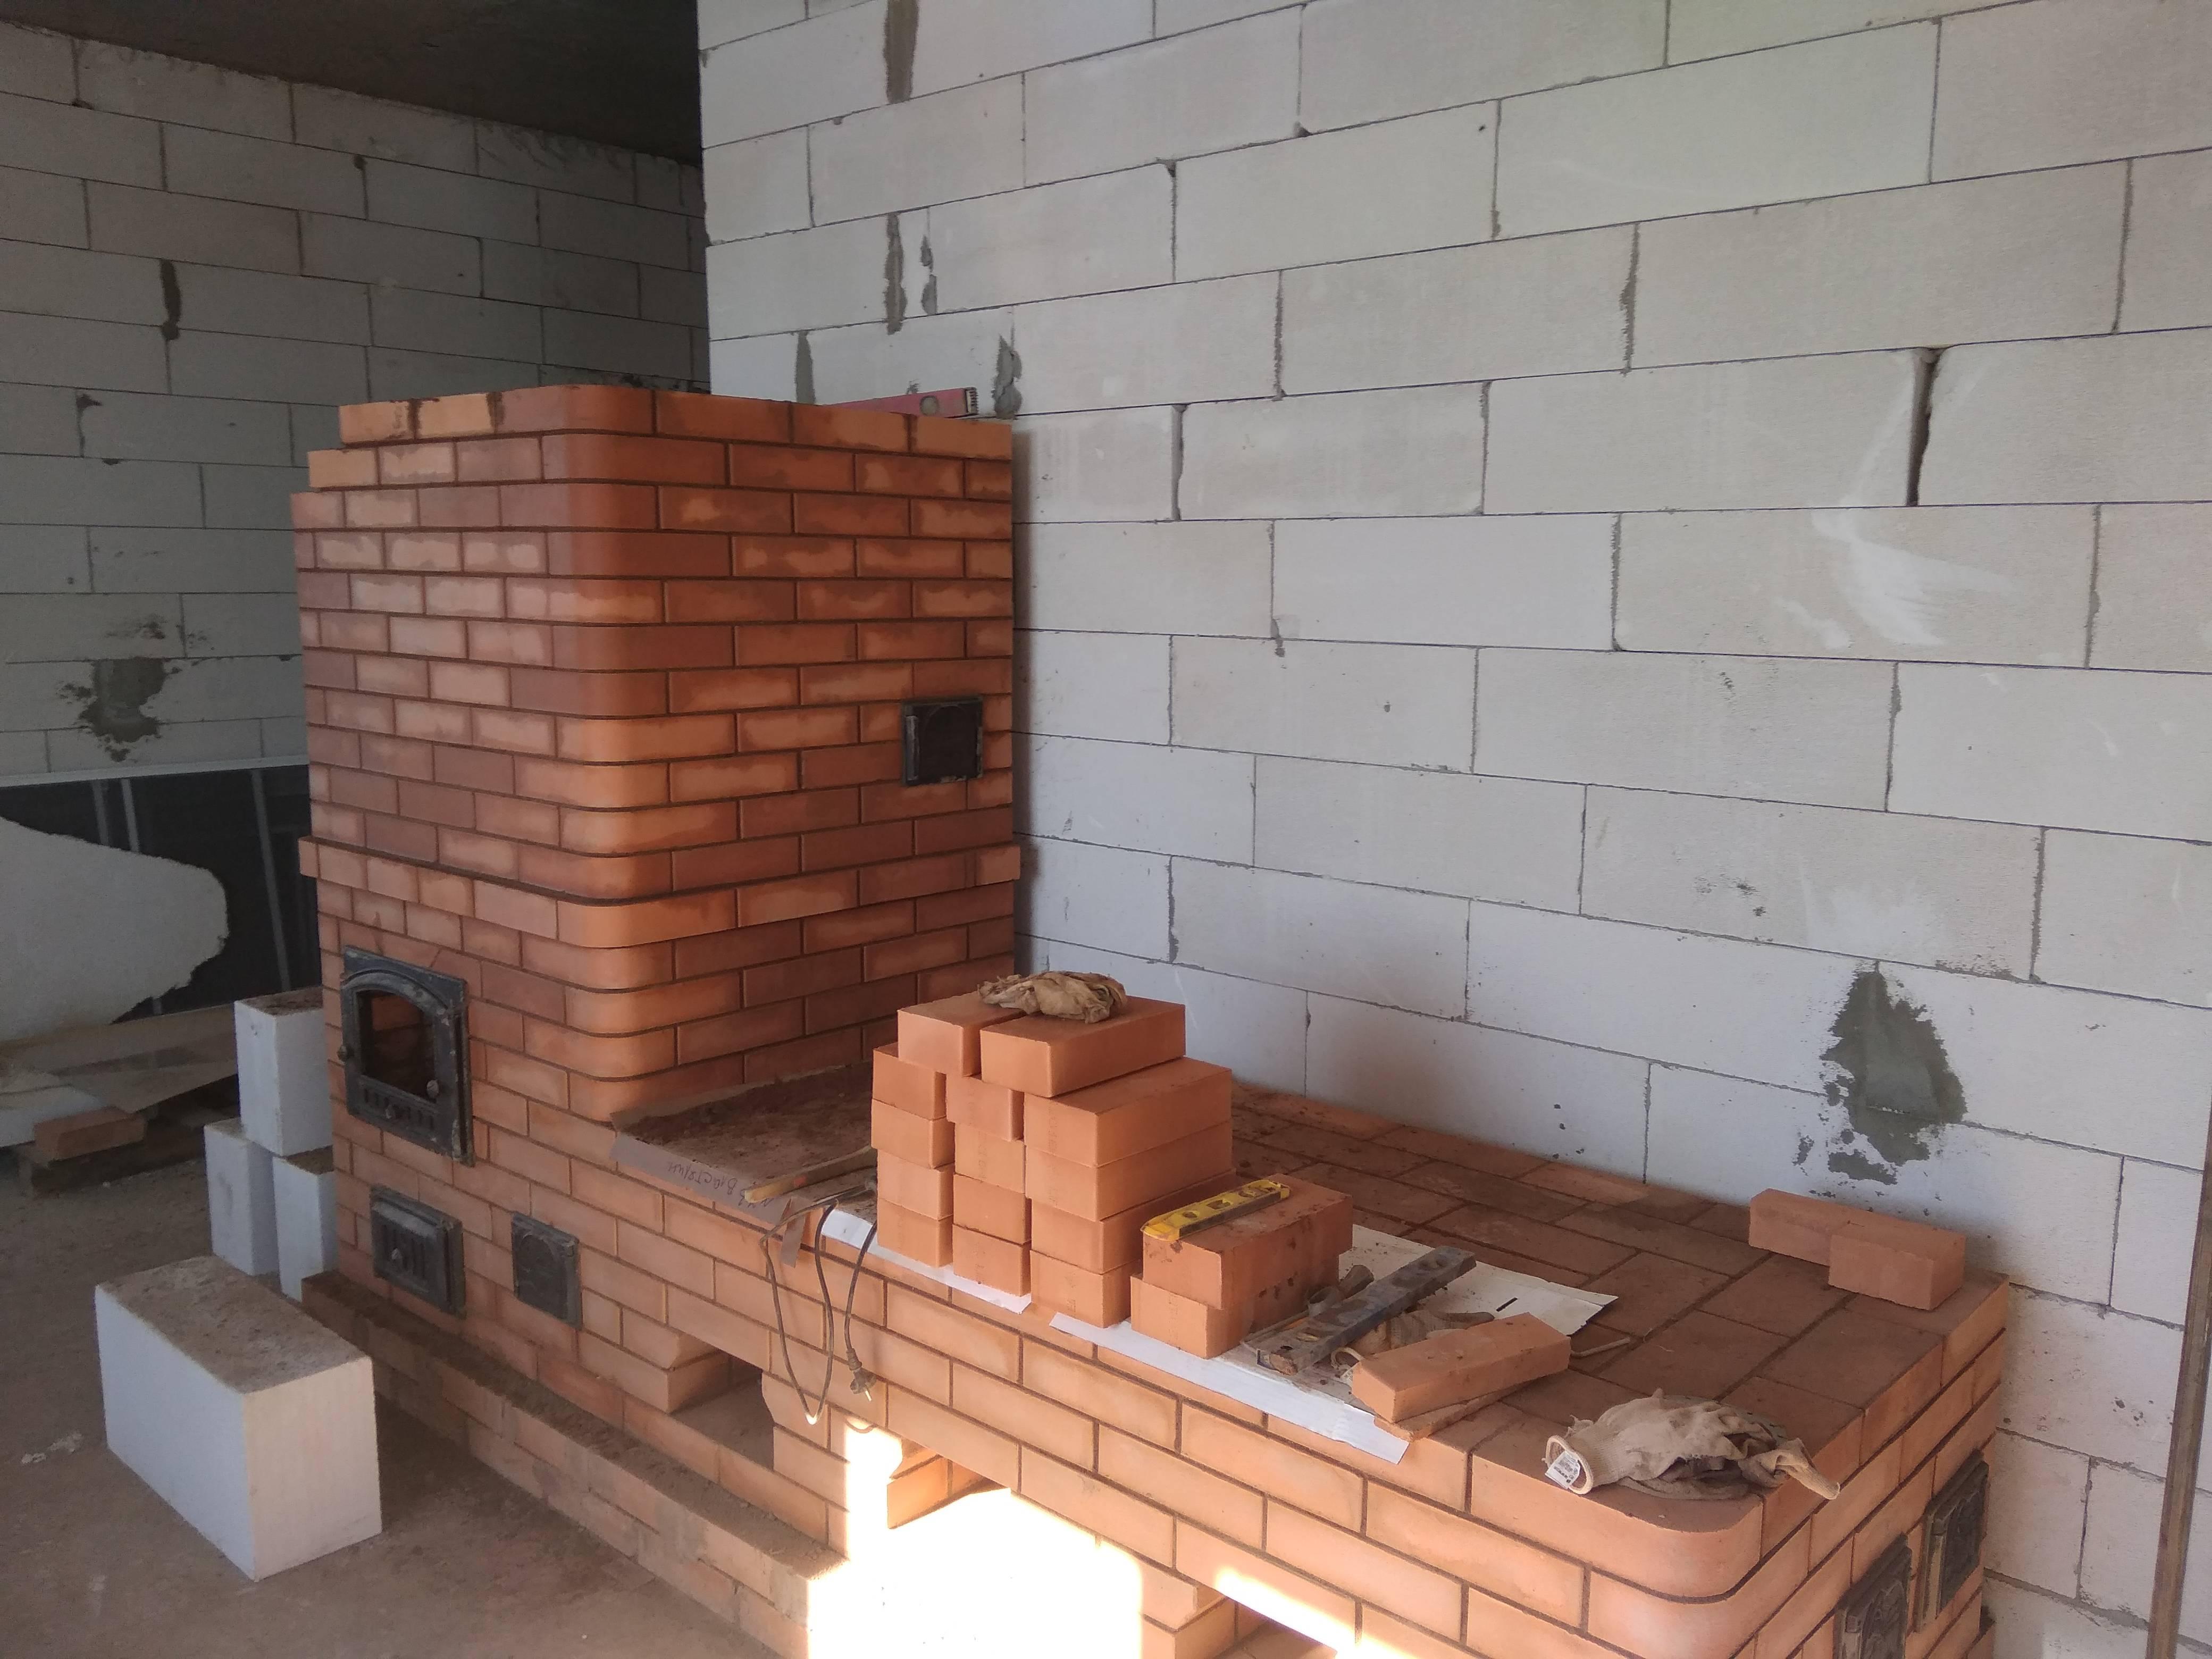 Печь лежанка своими руками: отопительная печка с лежанкой, детали на фото и видео